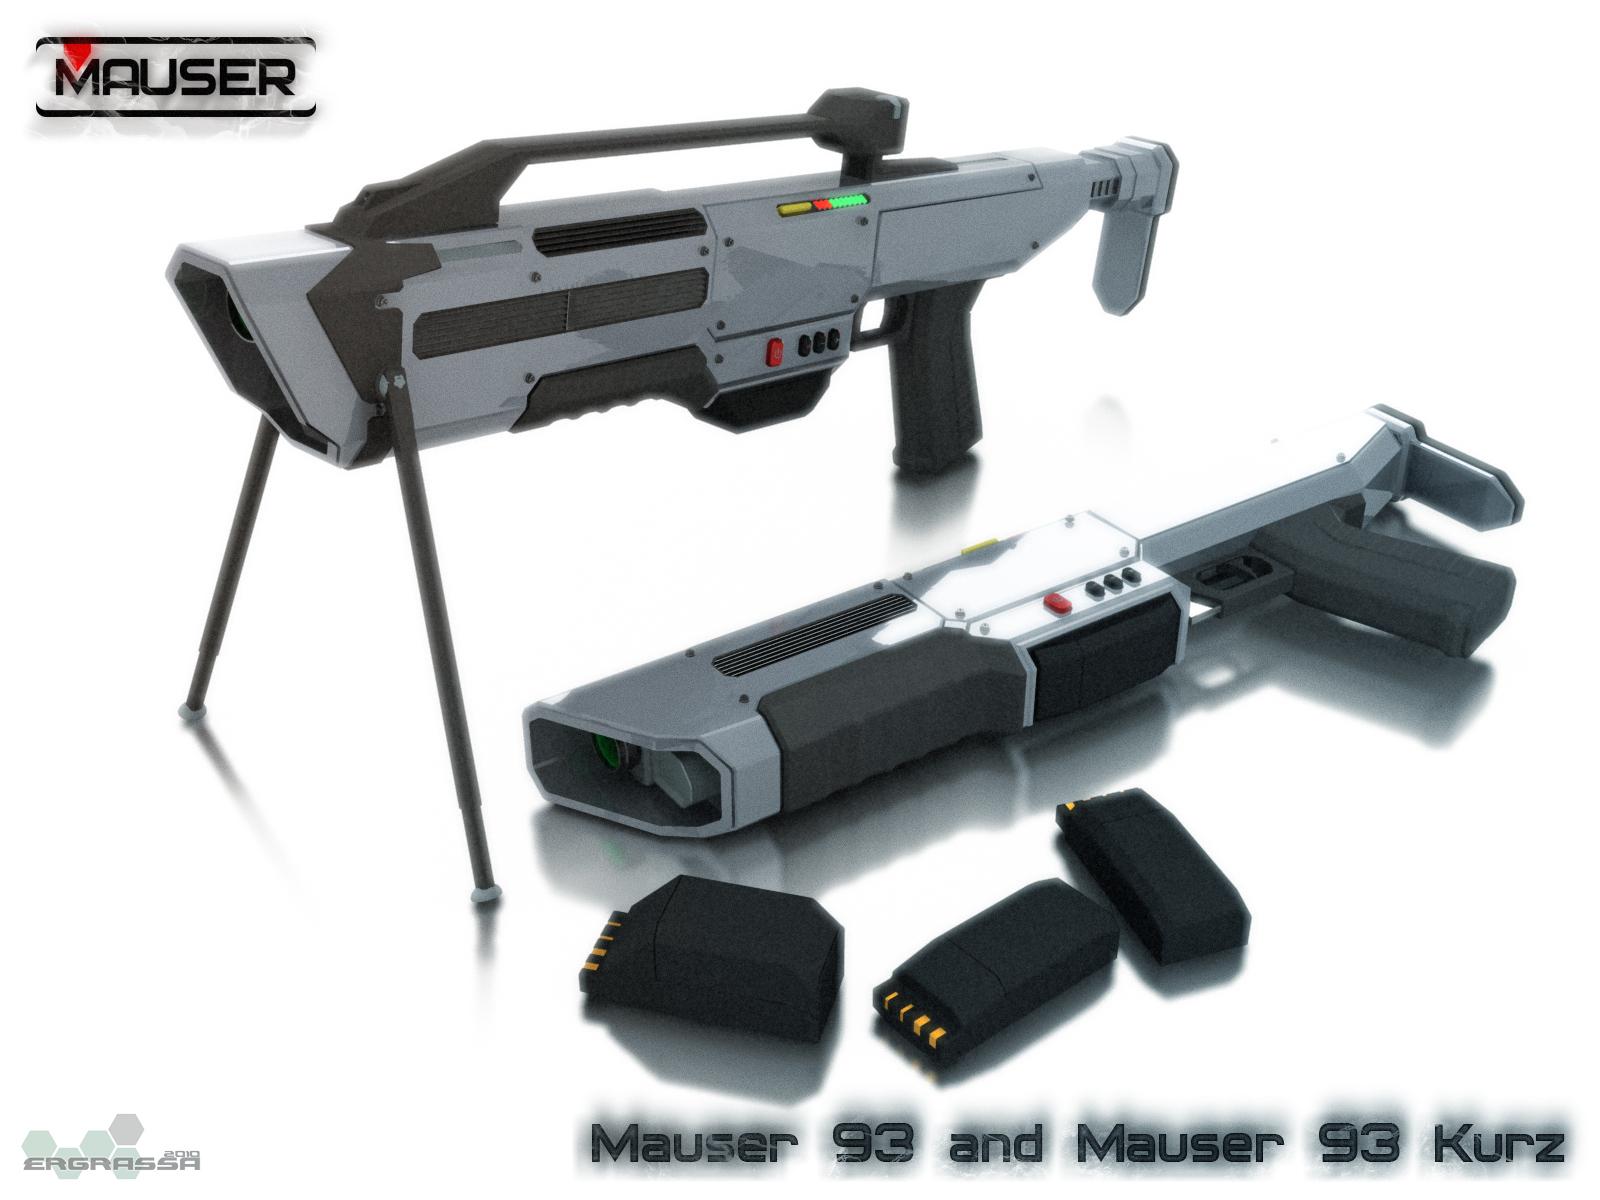 Mauser 93 by Ergrassa